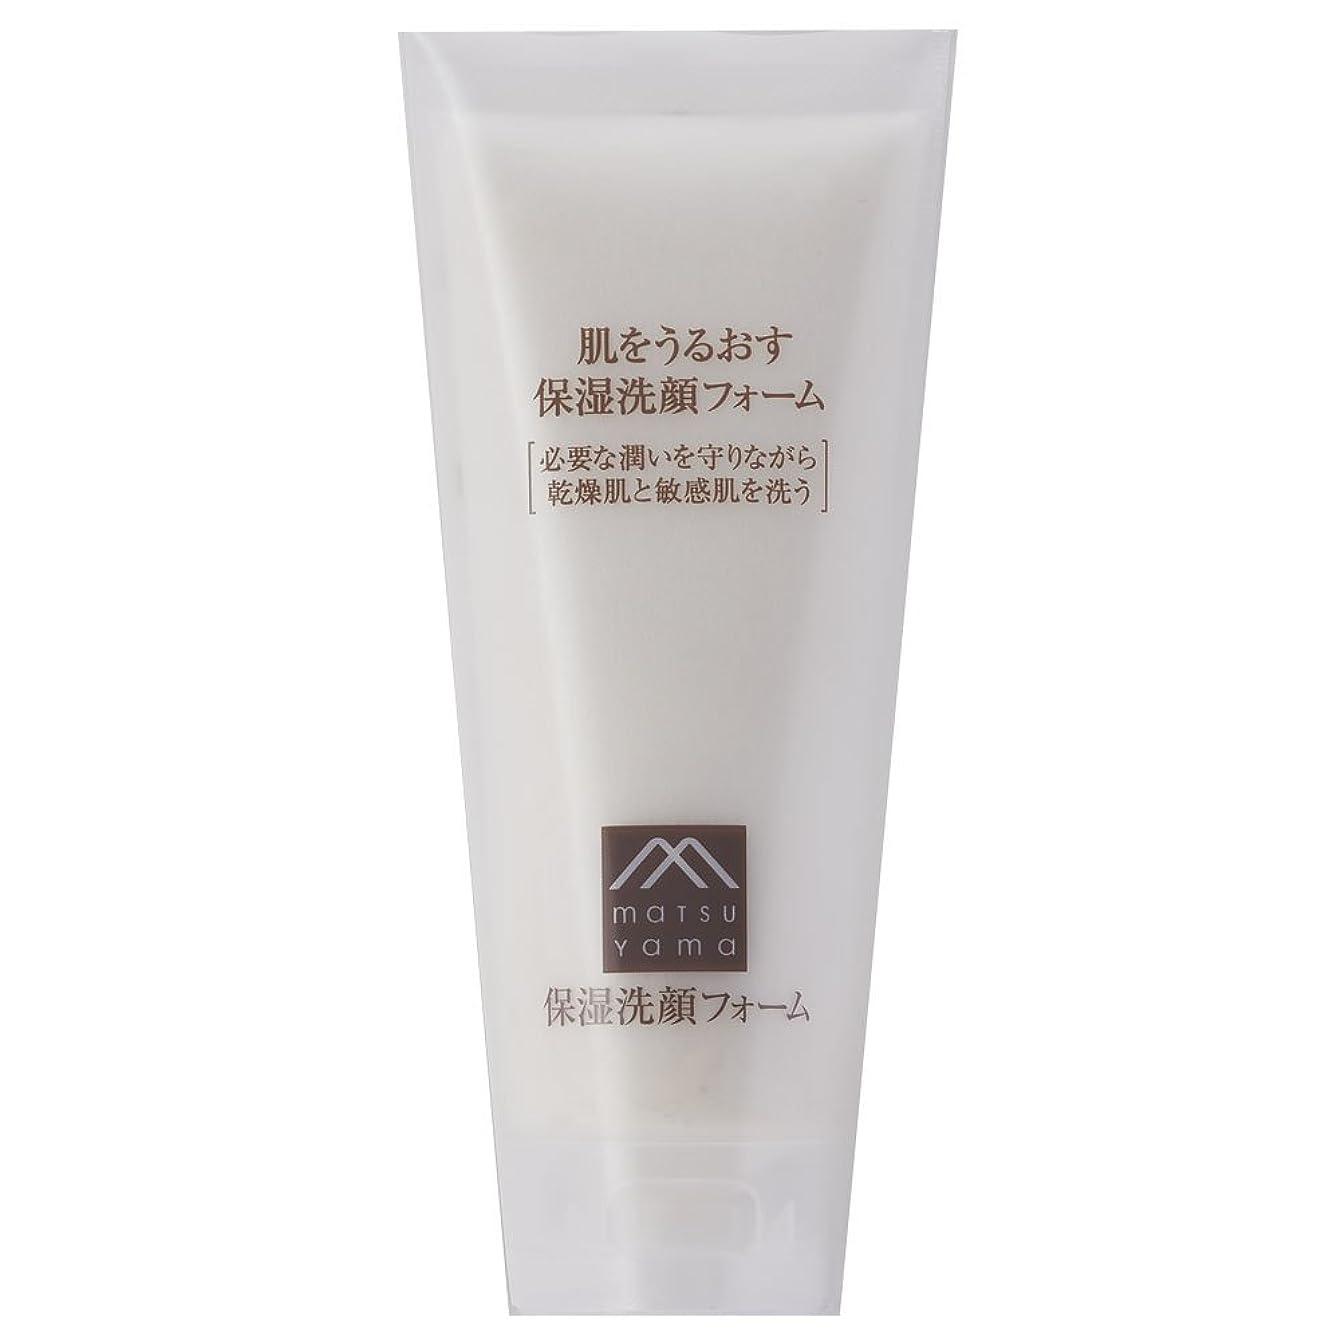 乱用退屈笑い肌をうるおす保湿洗顔フォーム(洗顔料) [乾燥肌 敏感肌]